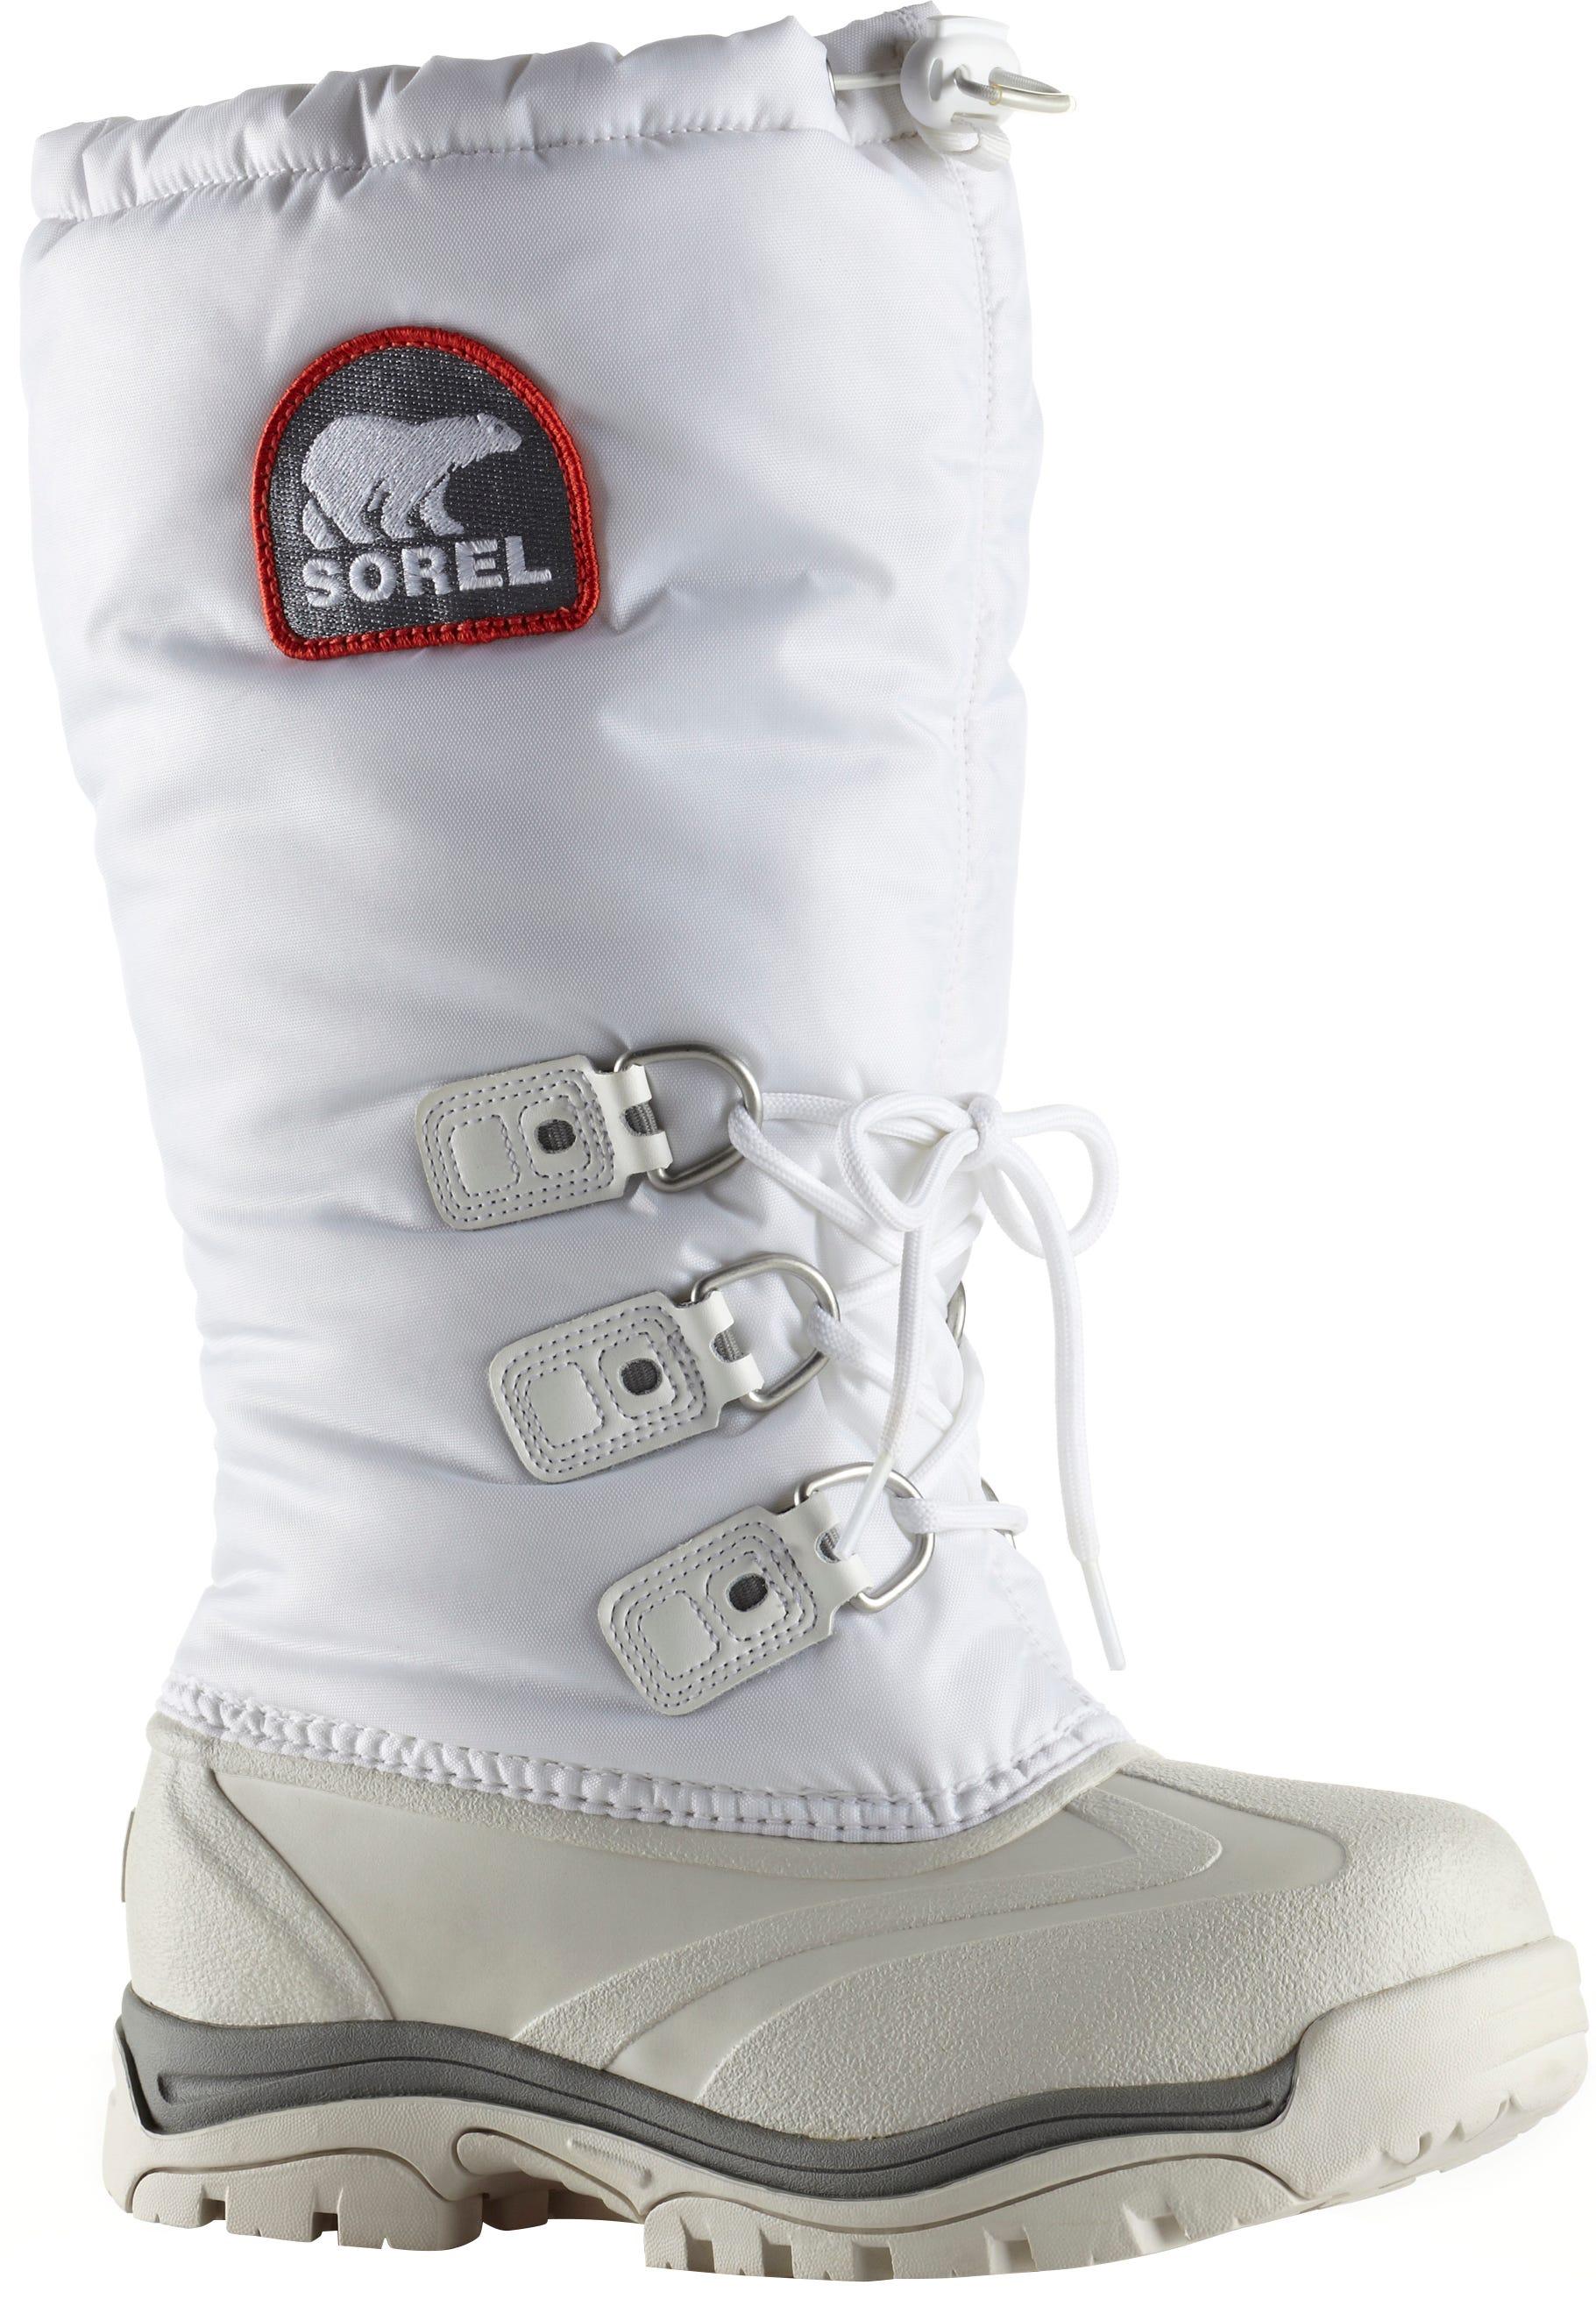 Sorel Canada bottes d'hiver pour homme et femme | SAIL